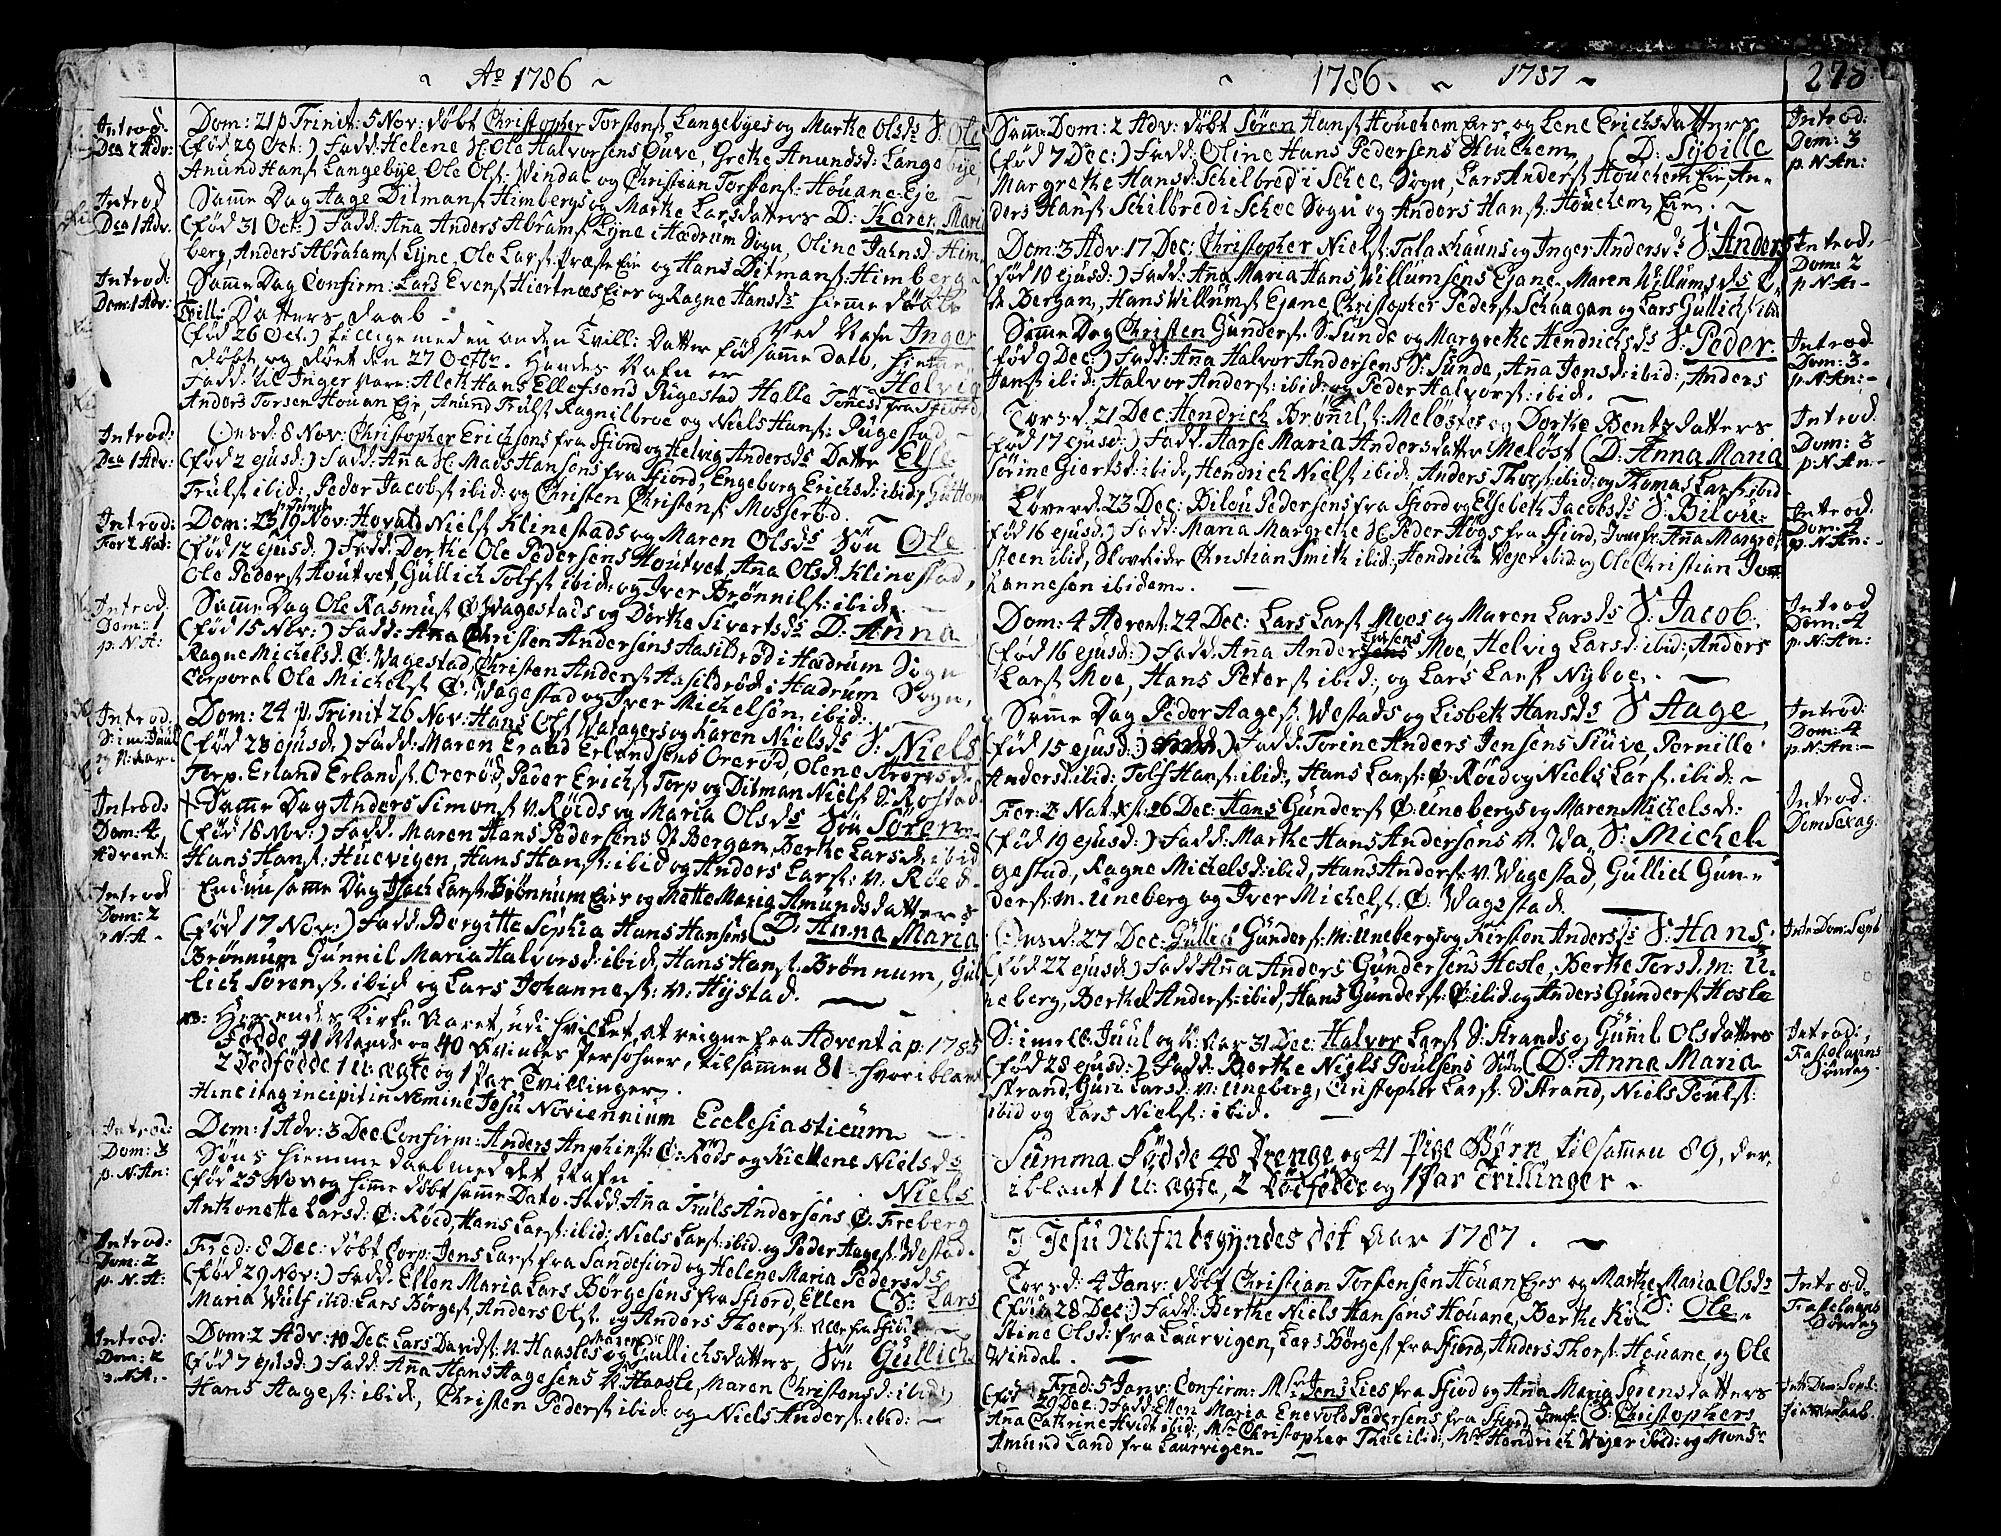 SAKO, Sandar kirkebøker, F/Fa/L0002: Ministerialbok nr. 2, 1733-1788, s. 278